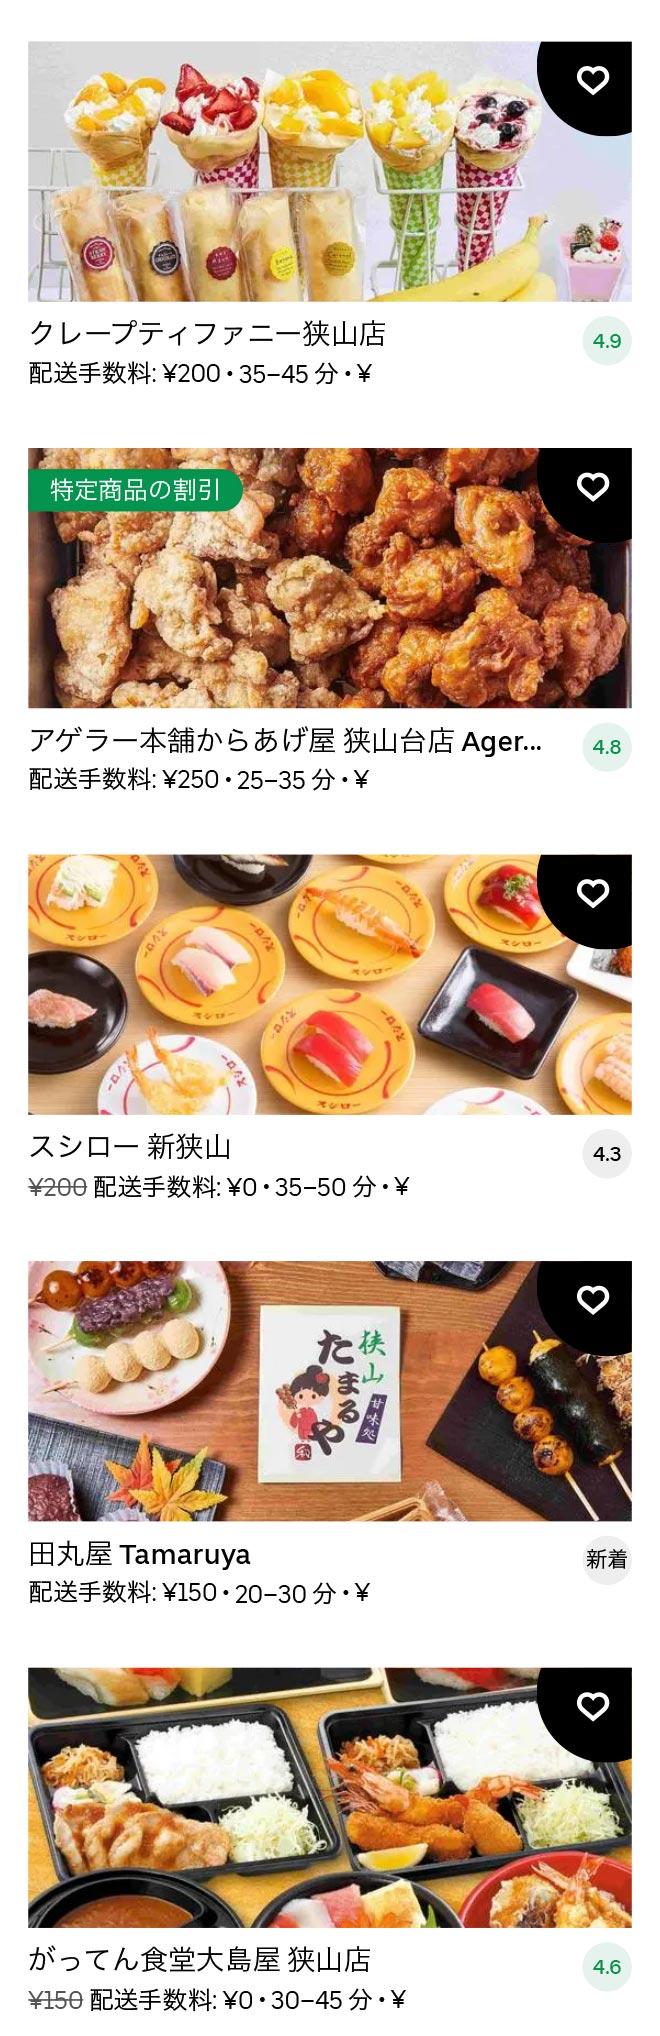 Sayama menu 2102 02